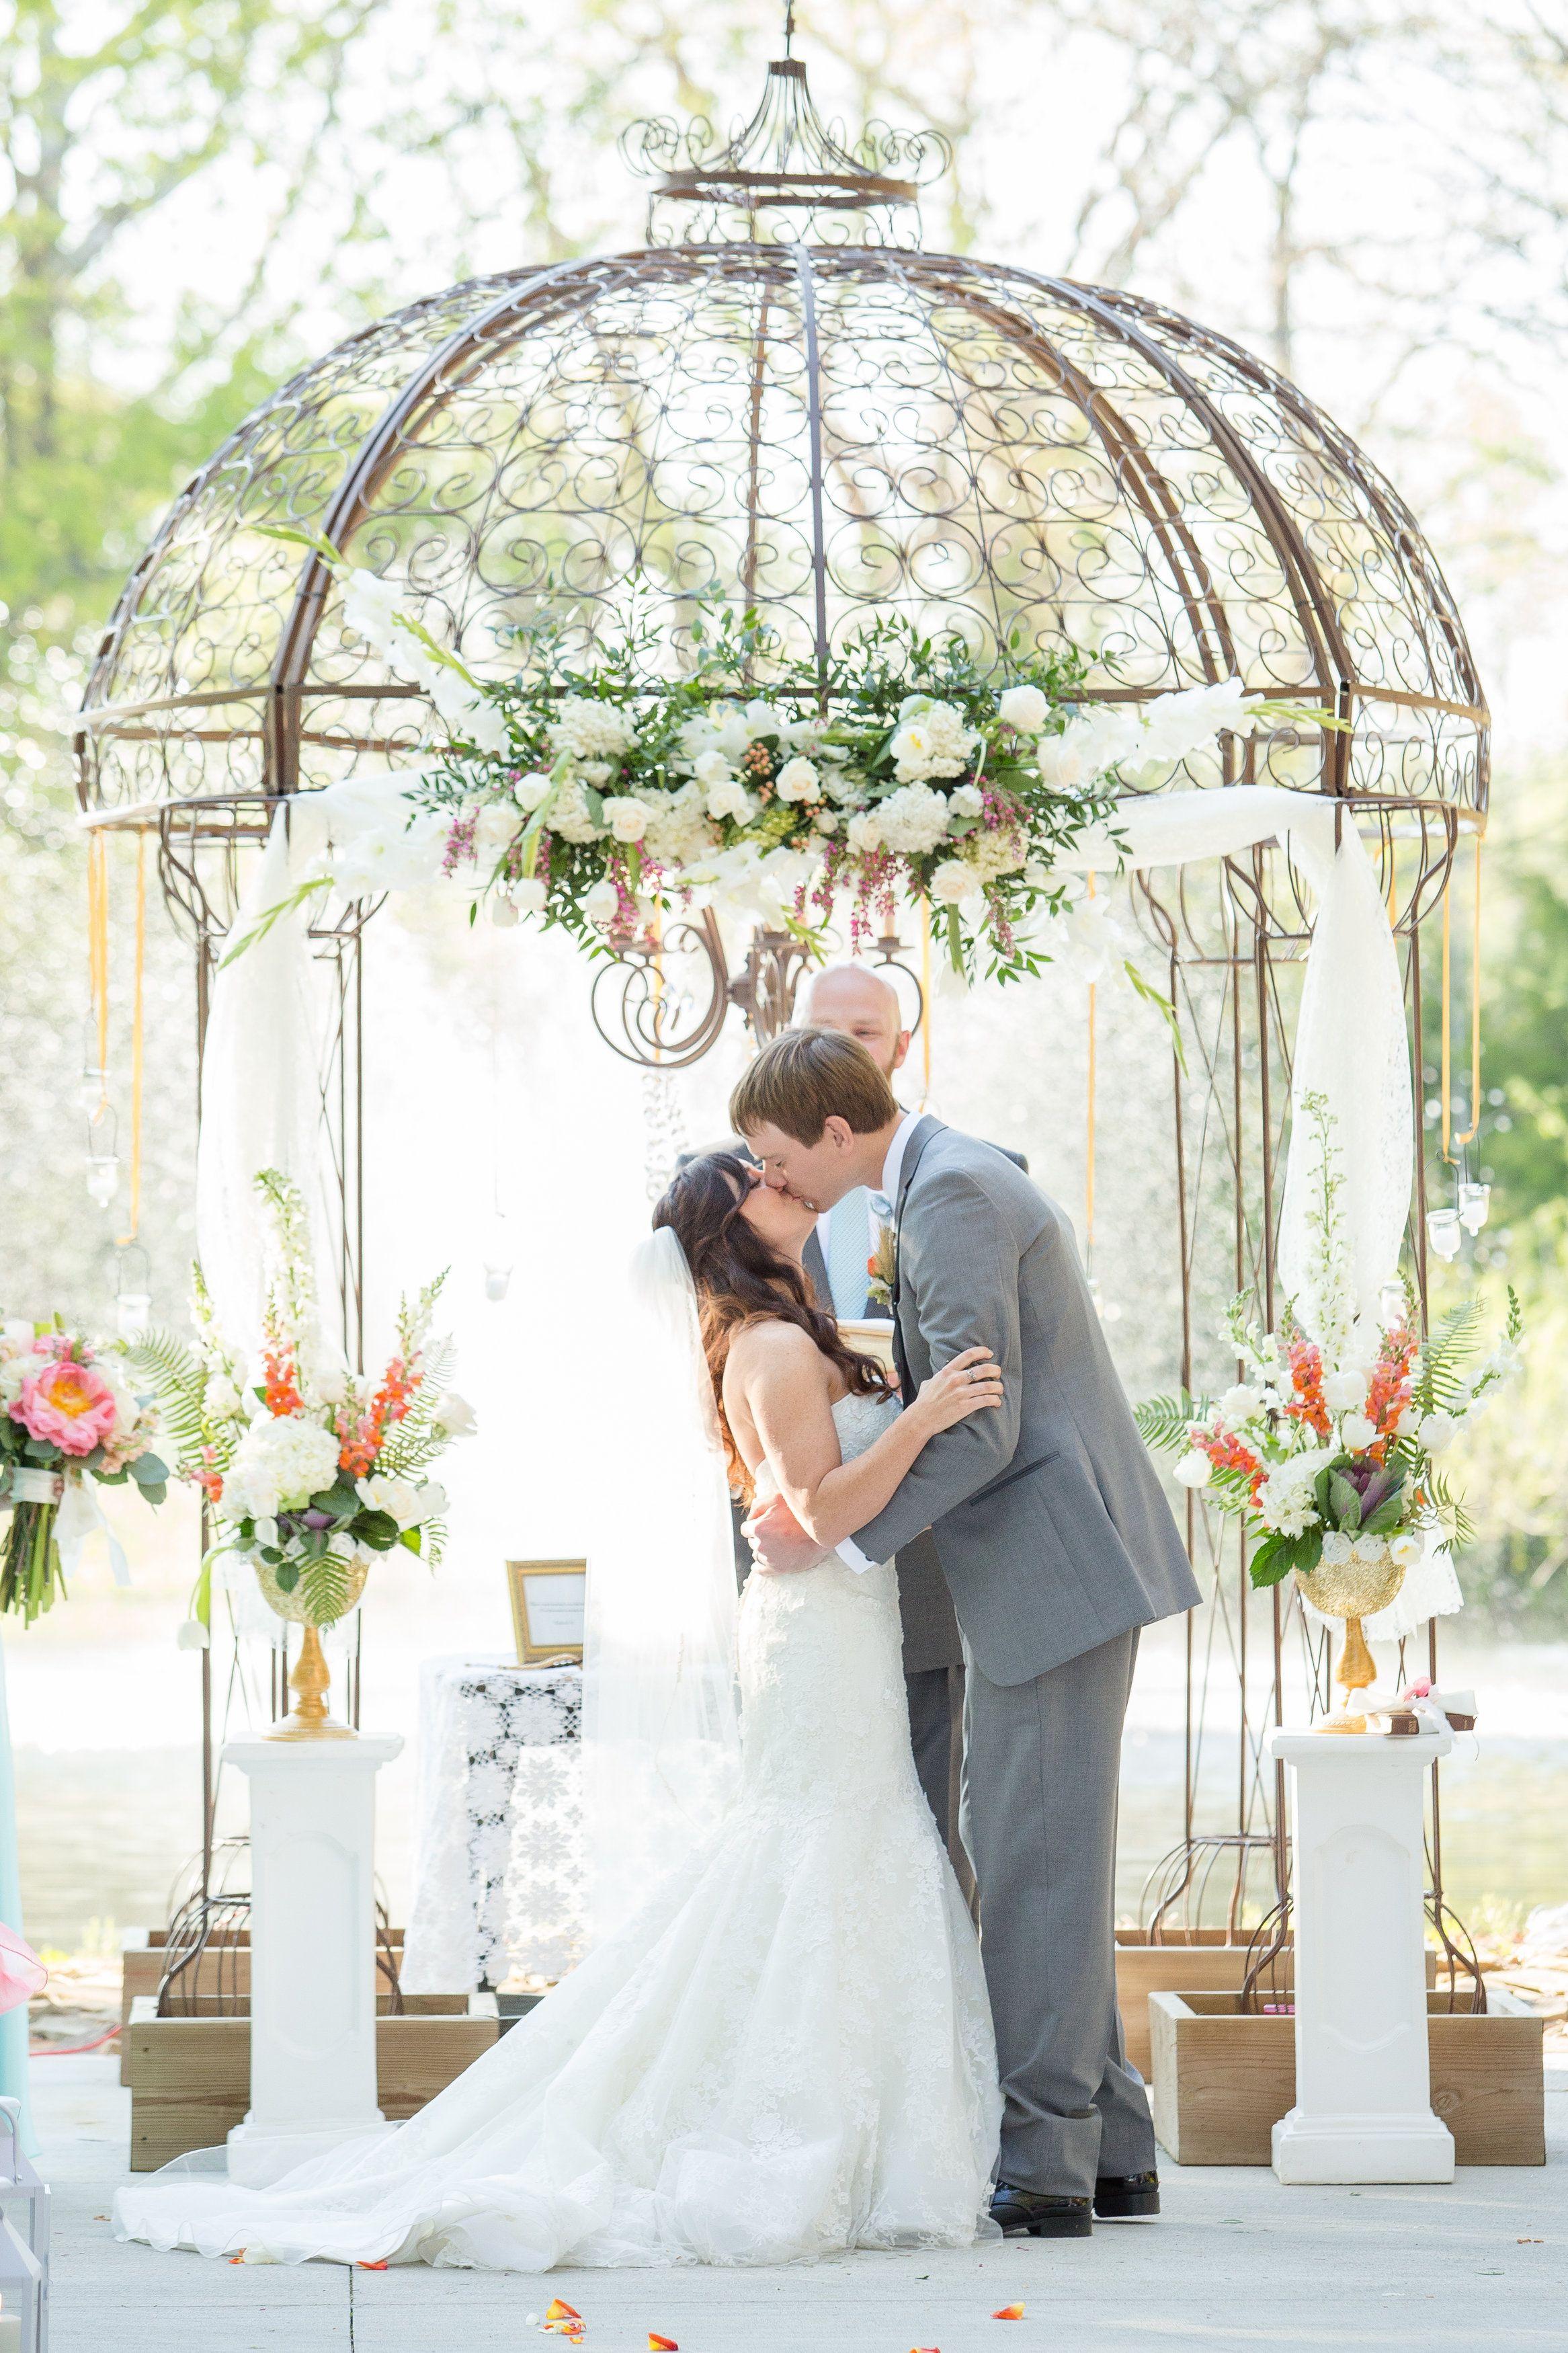 Wedding dress huntsville al  Gold wedding Huntsville Alabama outdoor ceremony barn reception